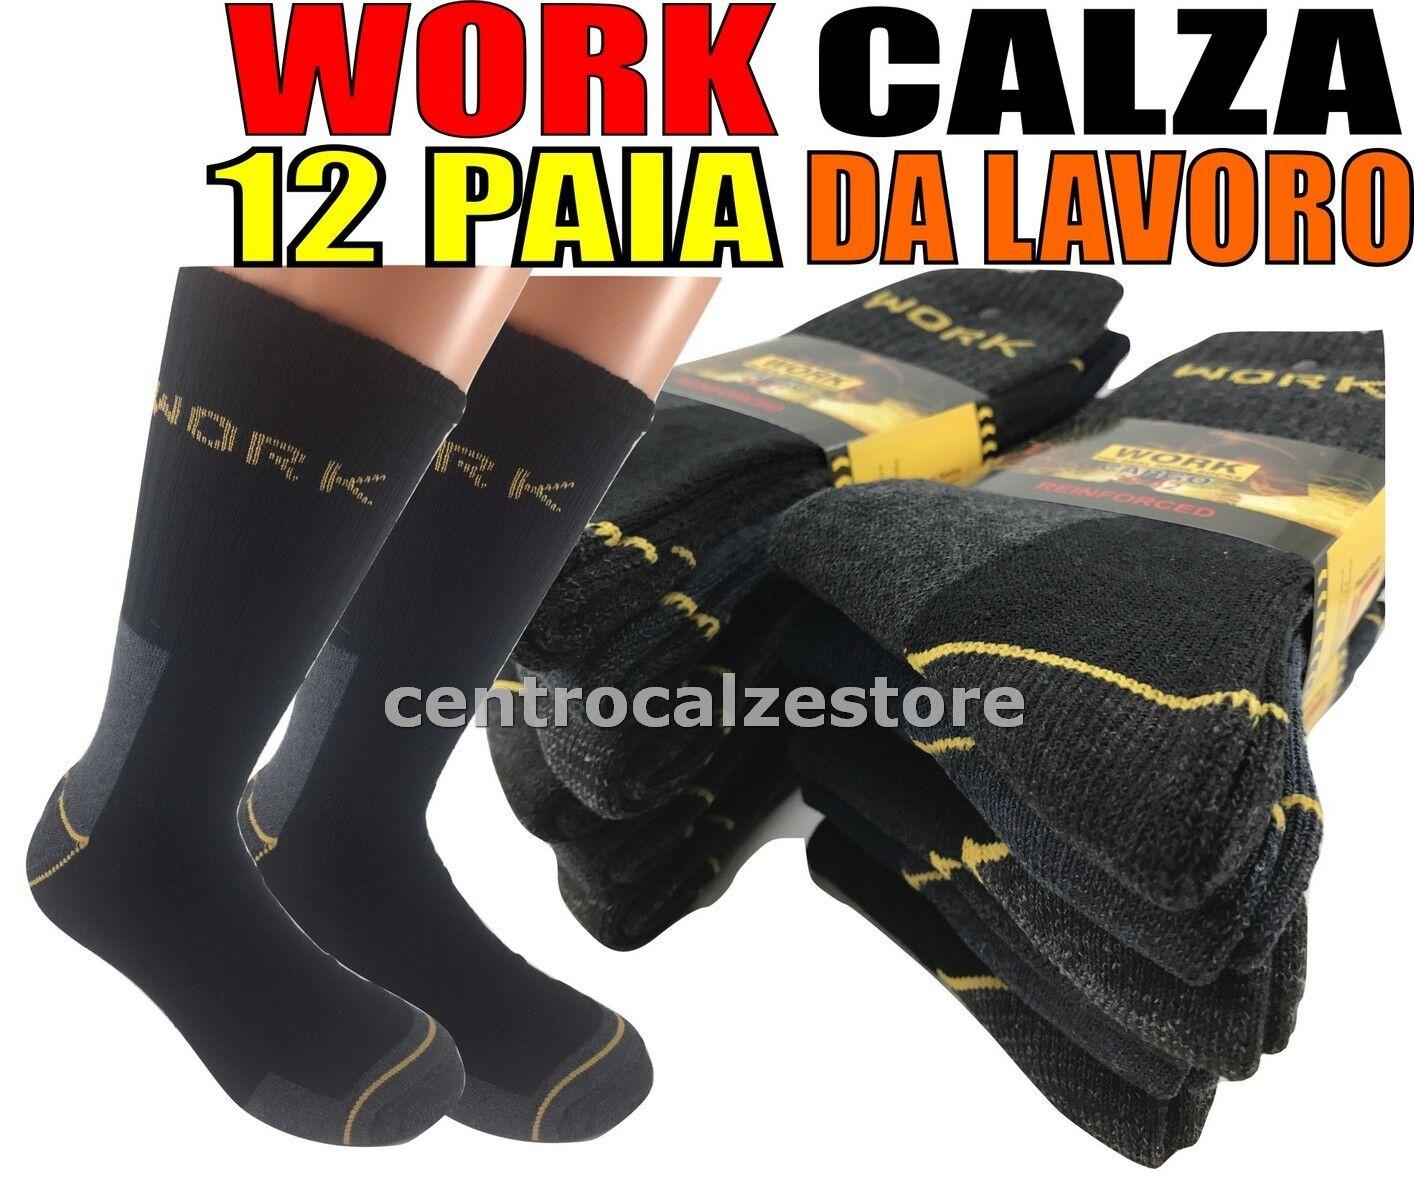 12 PAIA CALZE CALZINI UOMO DA LAVORO RINFORZATI RESISTENTI WORK SOCKS